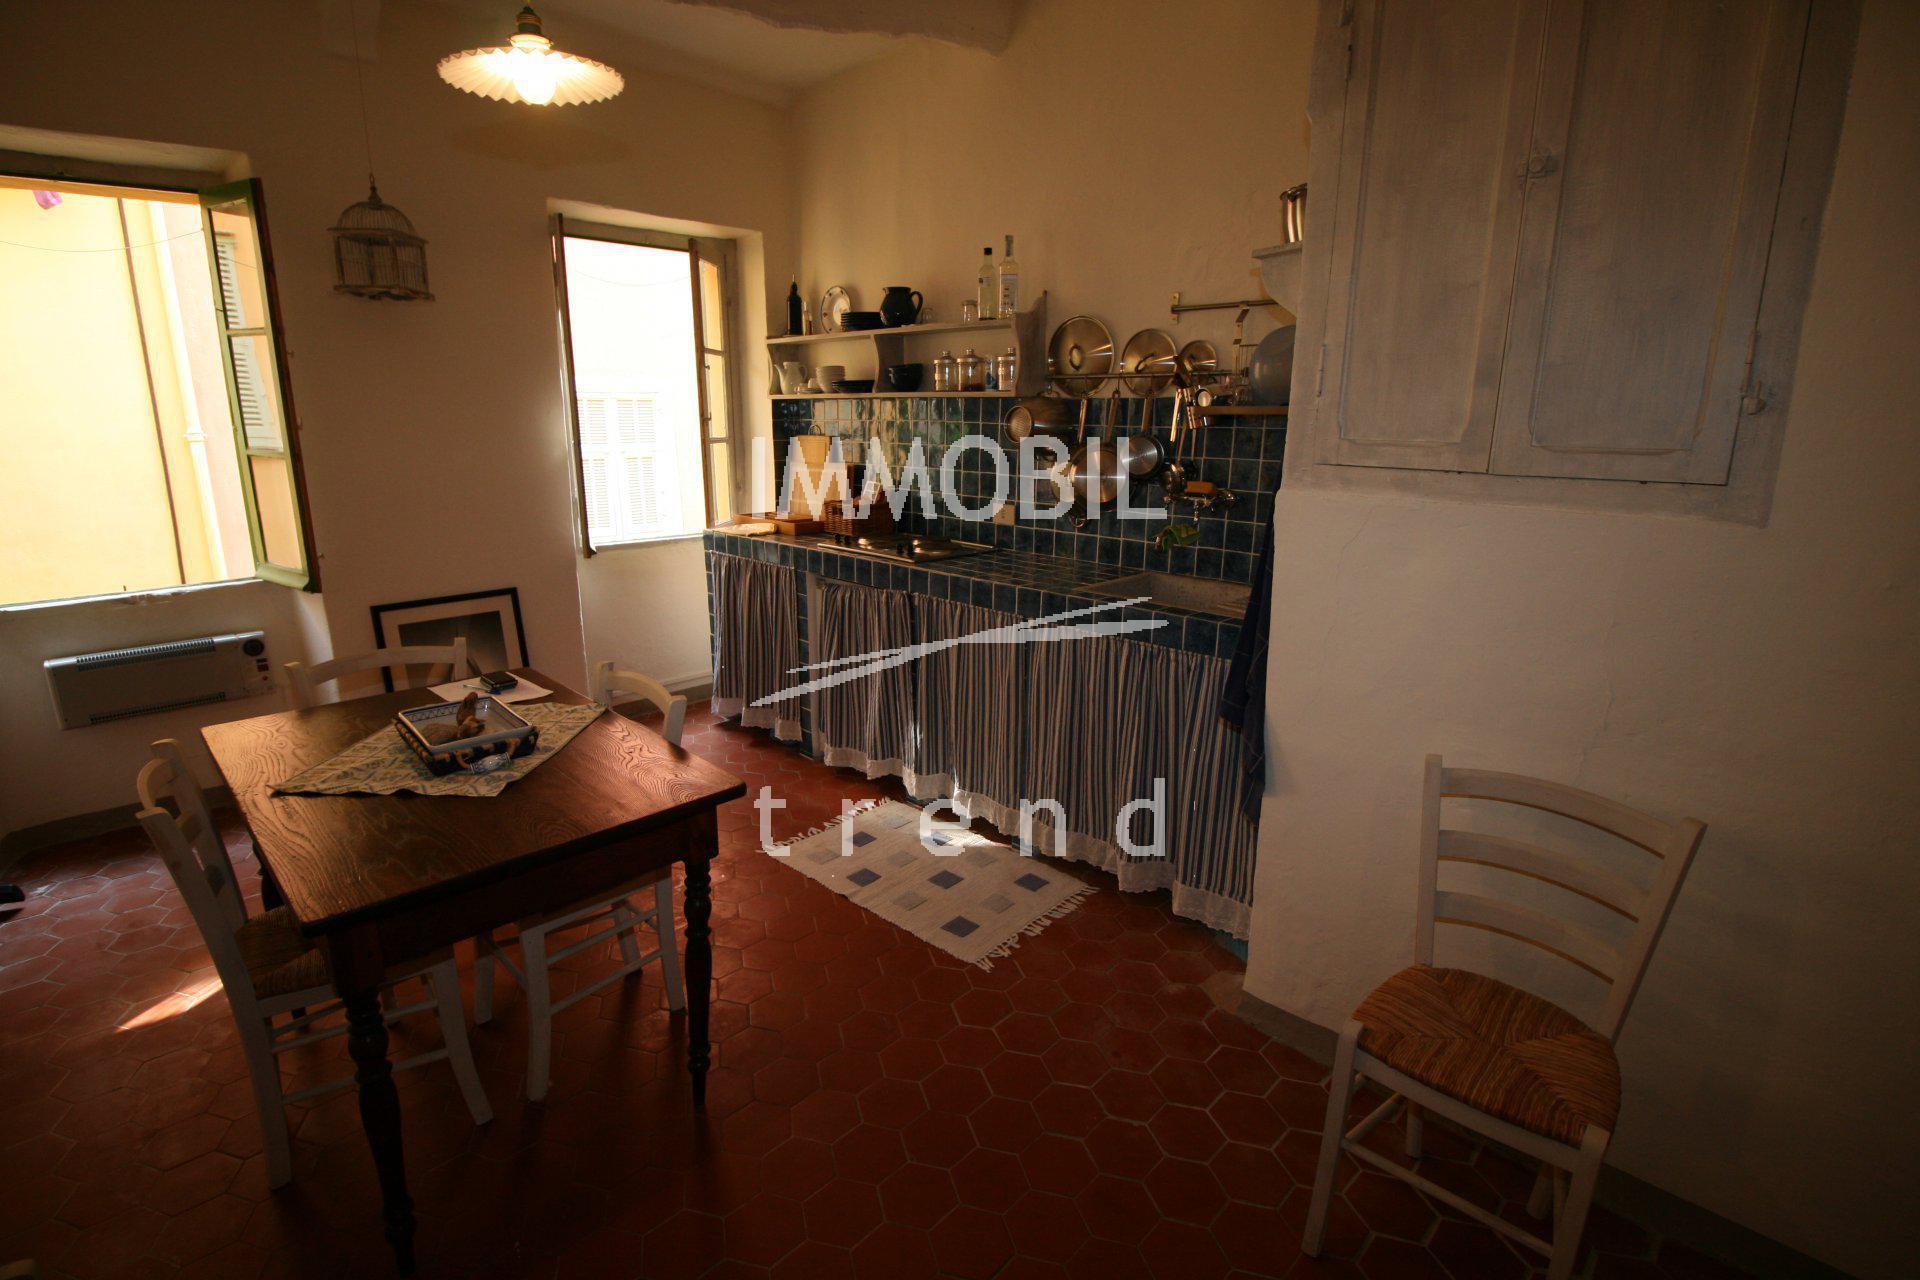 Menton Vieille Ville - grand studio avec alcove en vente.